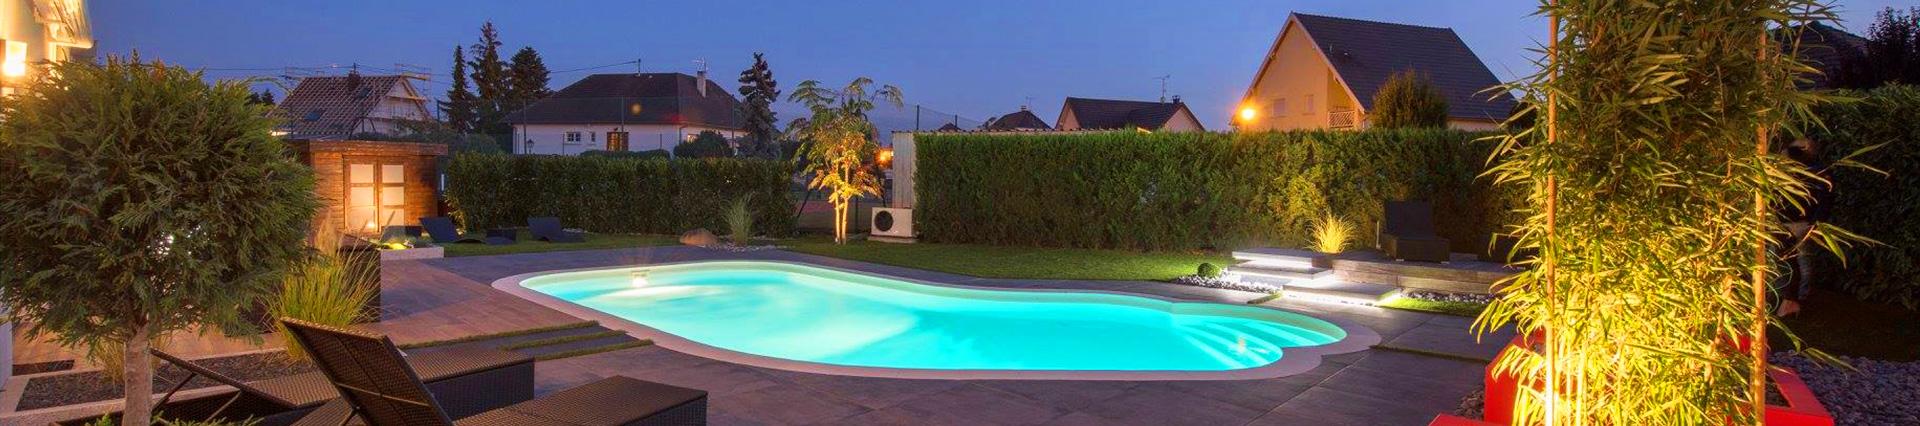 Réalisations paysagisme et constructoion de piscines Waterair